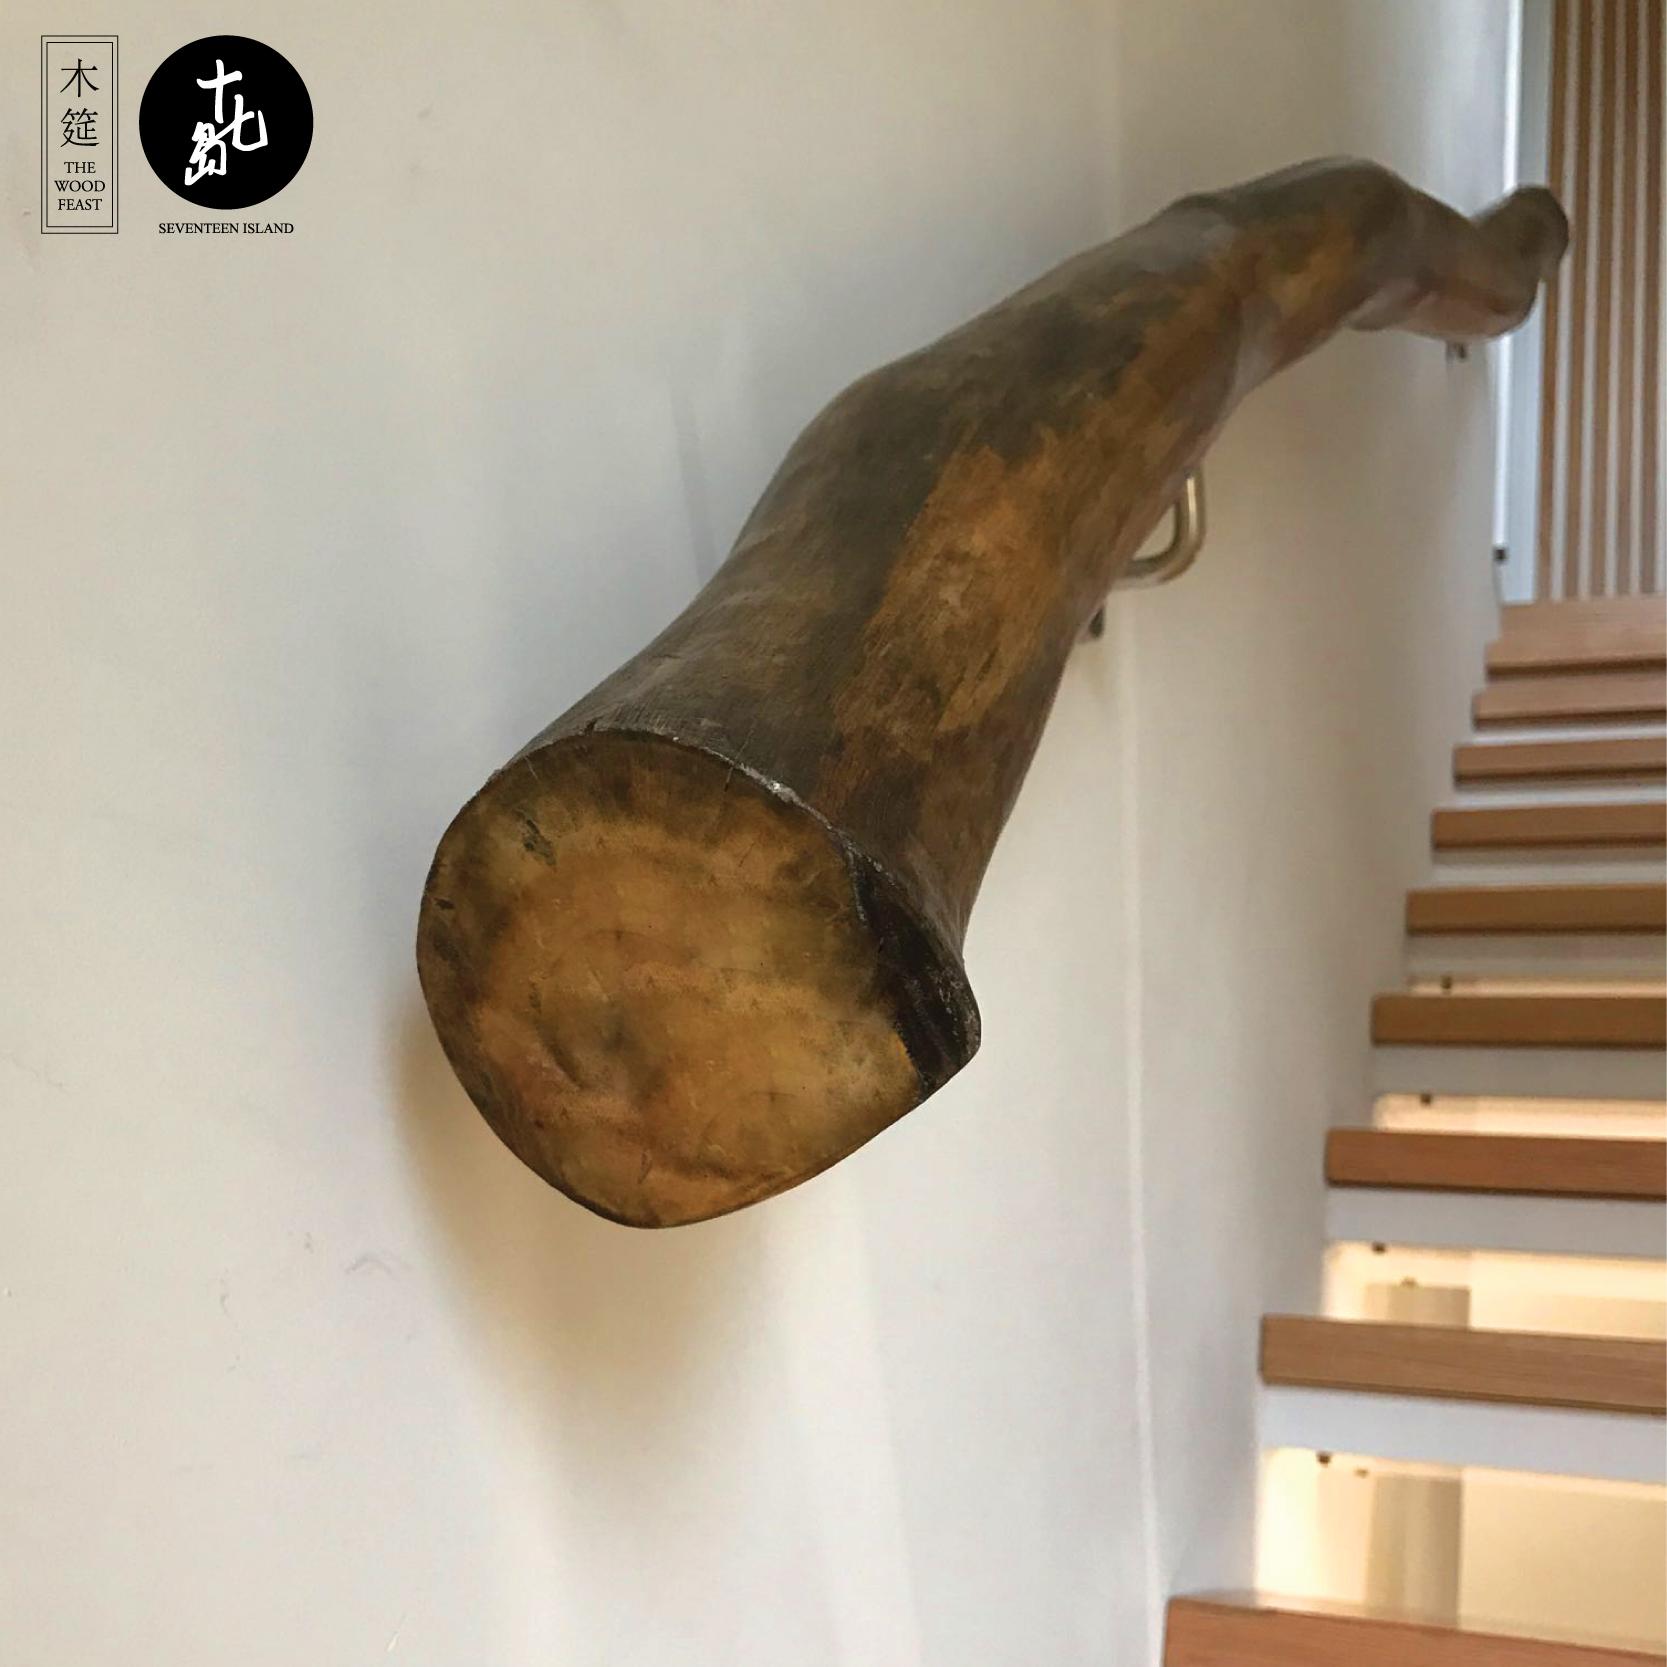 「木筵」原木实木原生态树枝扶手北欧木作日式扶手民宿楼梯扶手